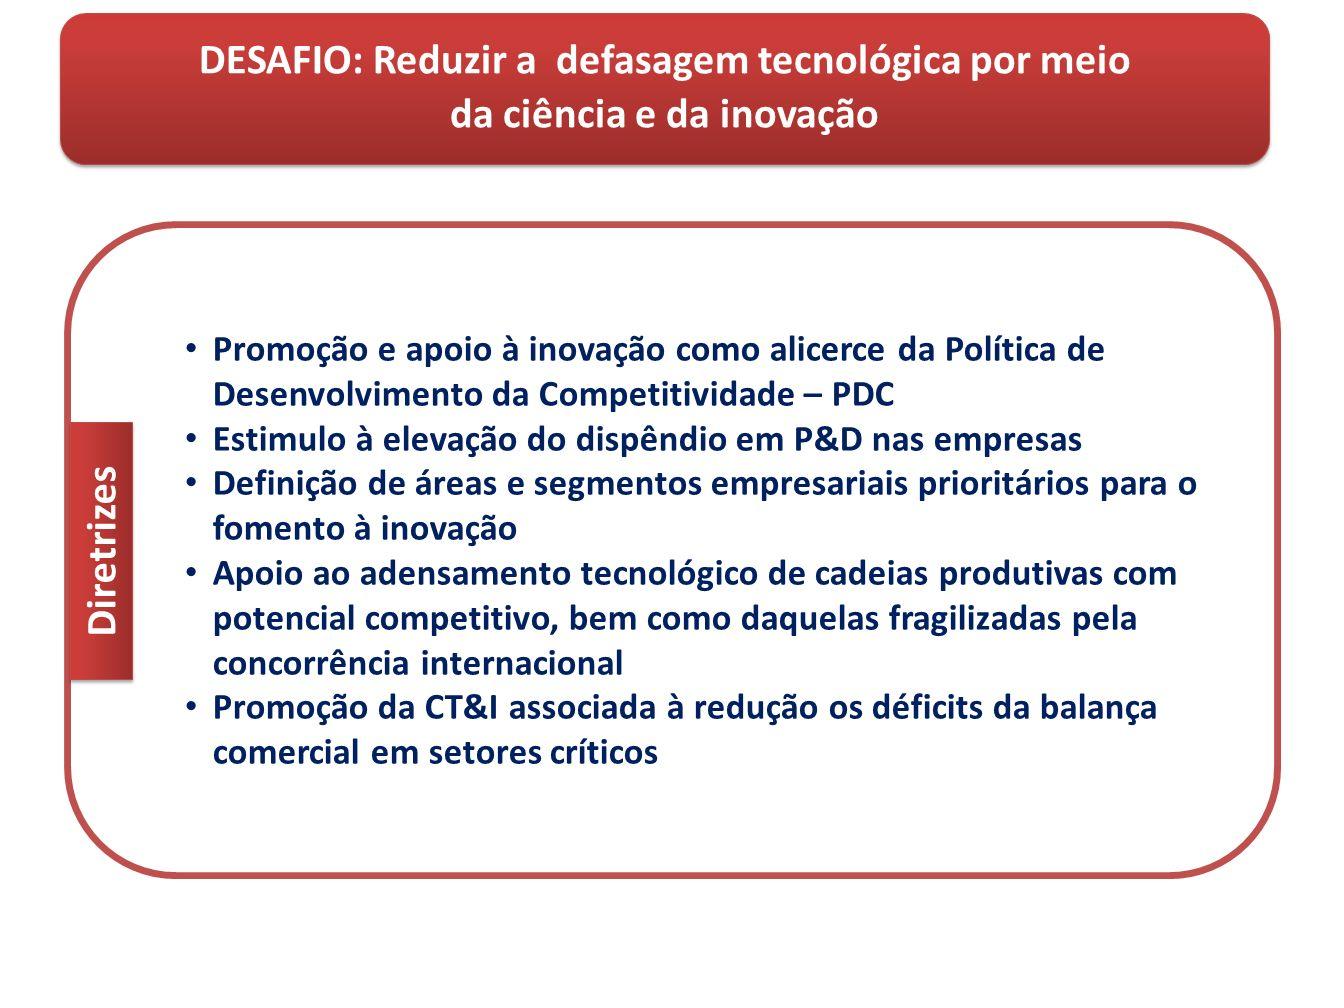 DESAFIO: Reduzir a defasagem tecnológica por meio